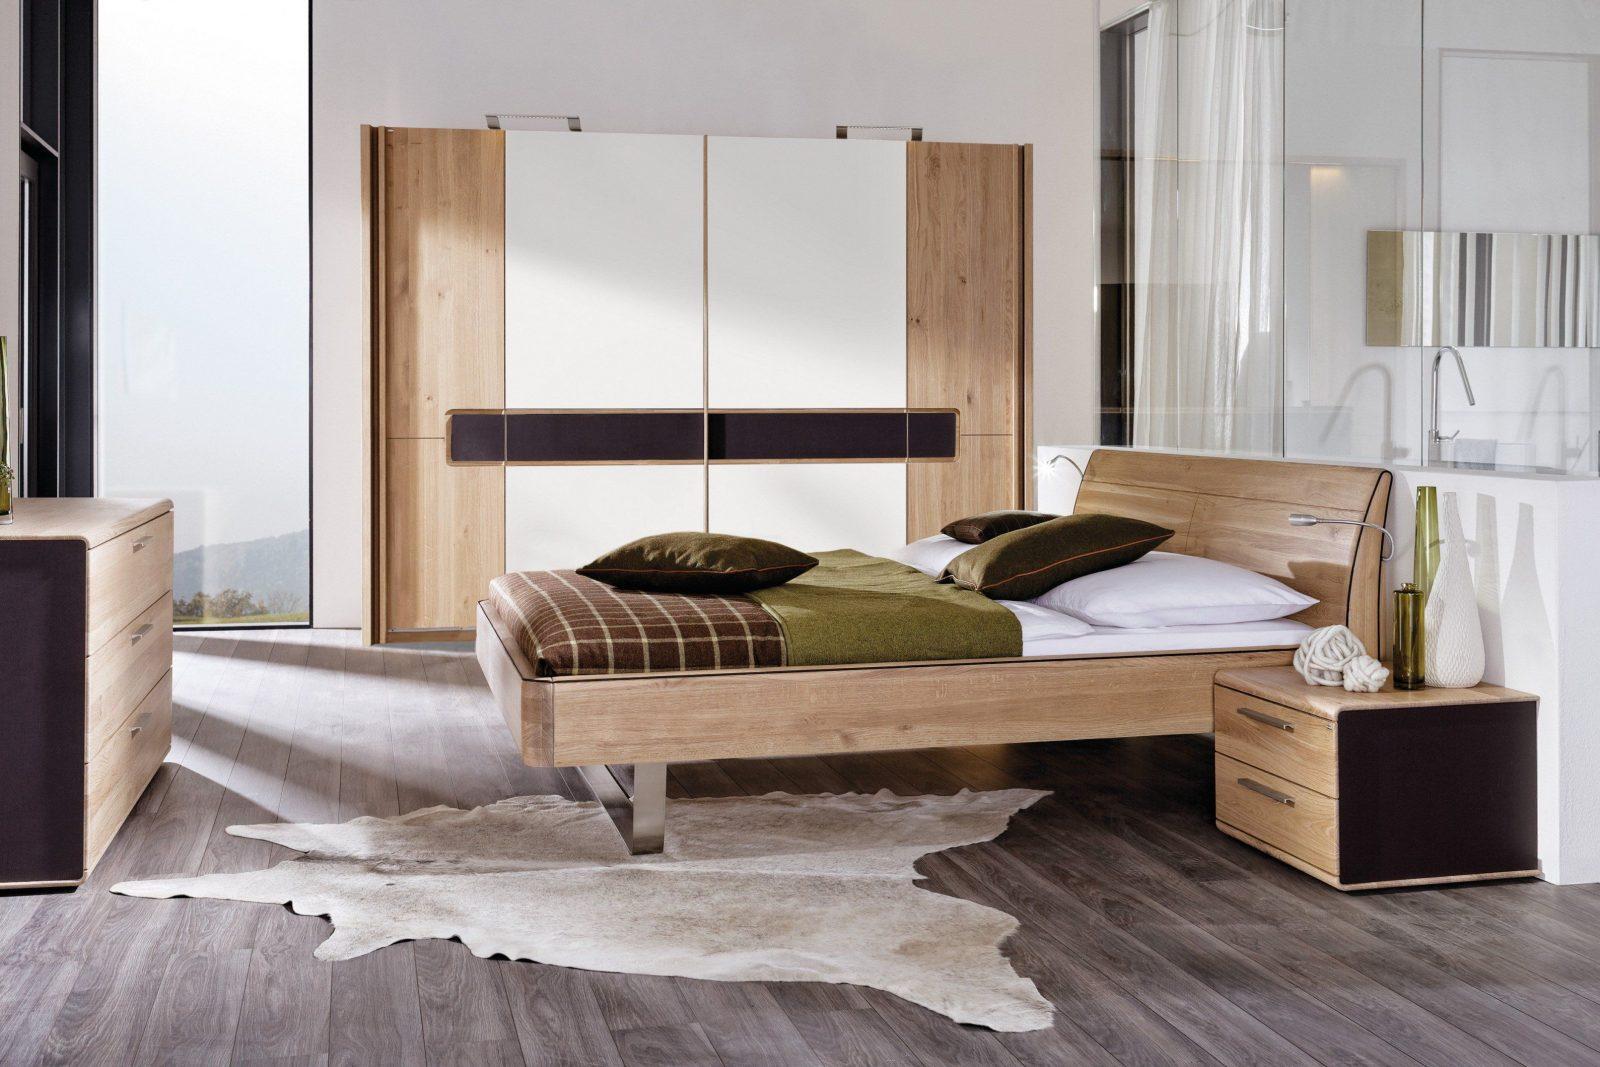 voglauer vpur holzbett furnier eiche altholz m bel letz ihr von voglauer v pur bett photo haus. Black Bedroom Furniture Sets. Home Design Ideas